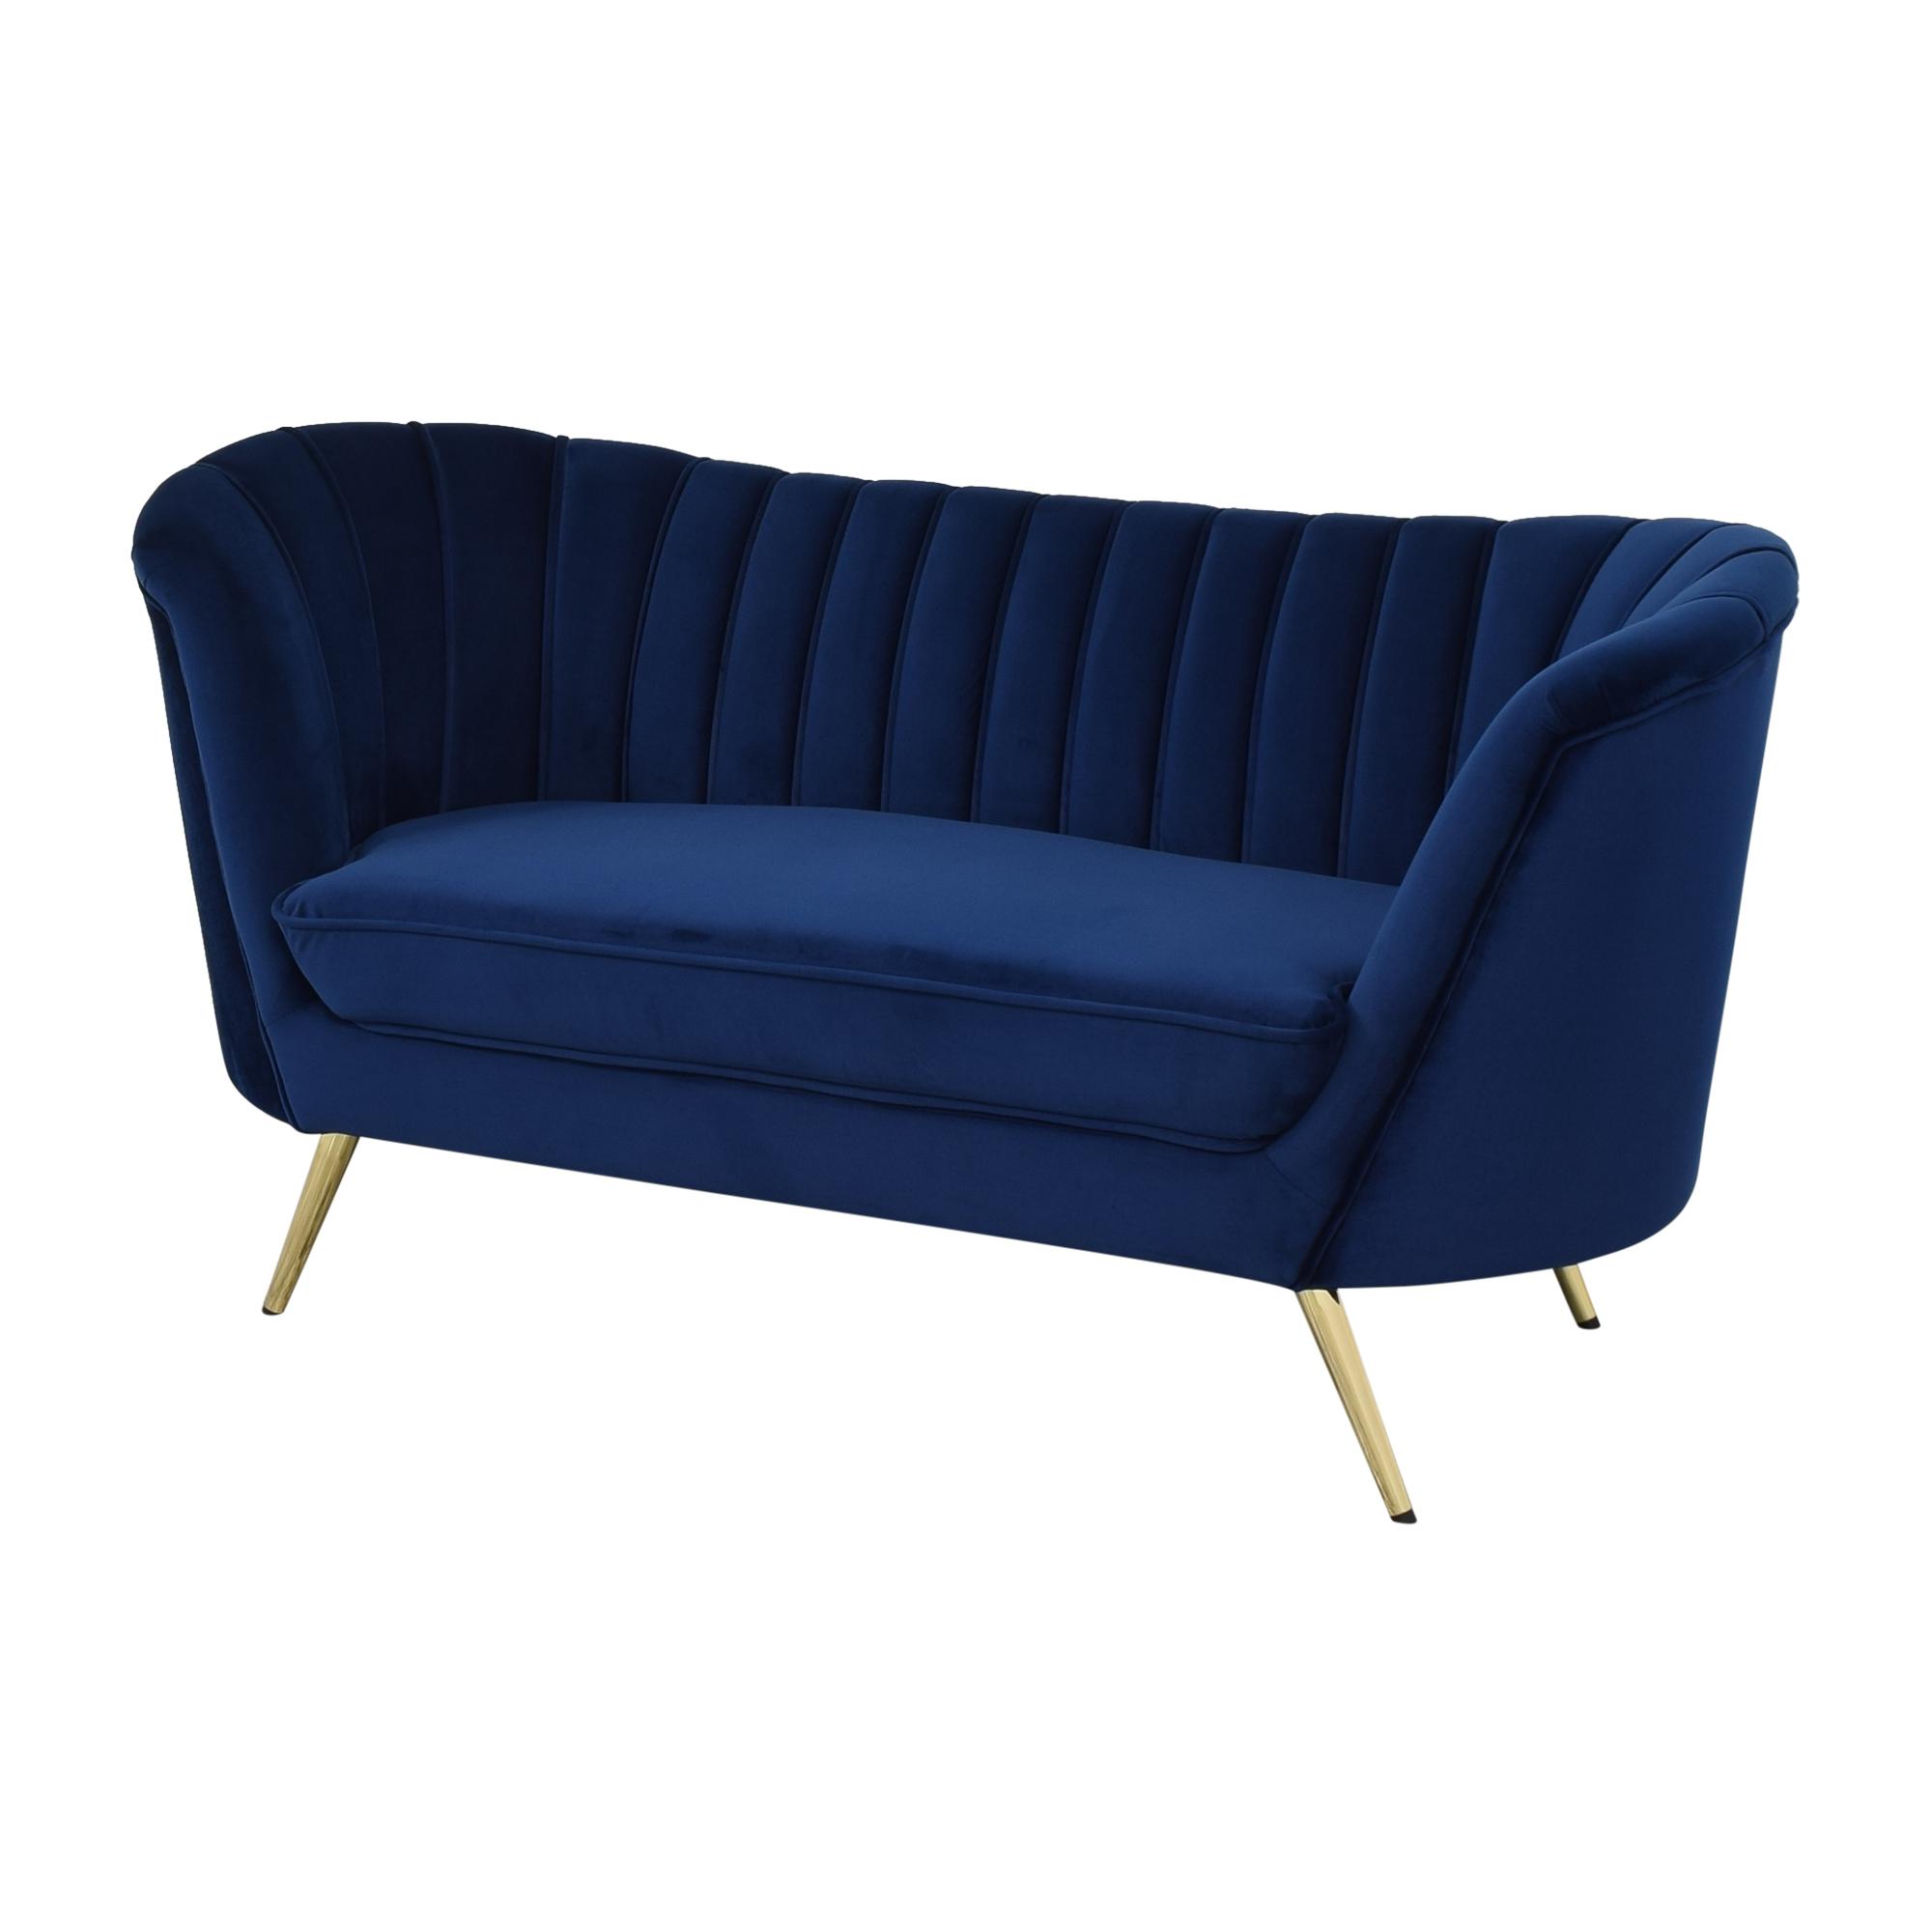 Wayfair Wayfair Koger Chesterfield Round Sofa dark blue